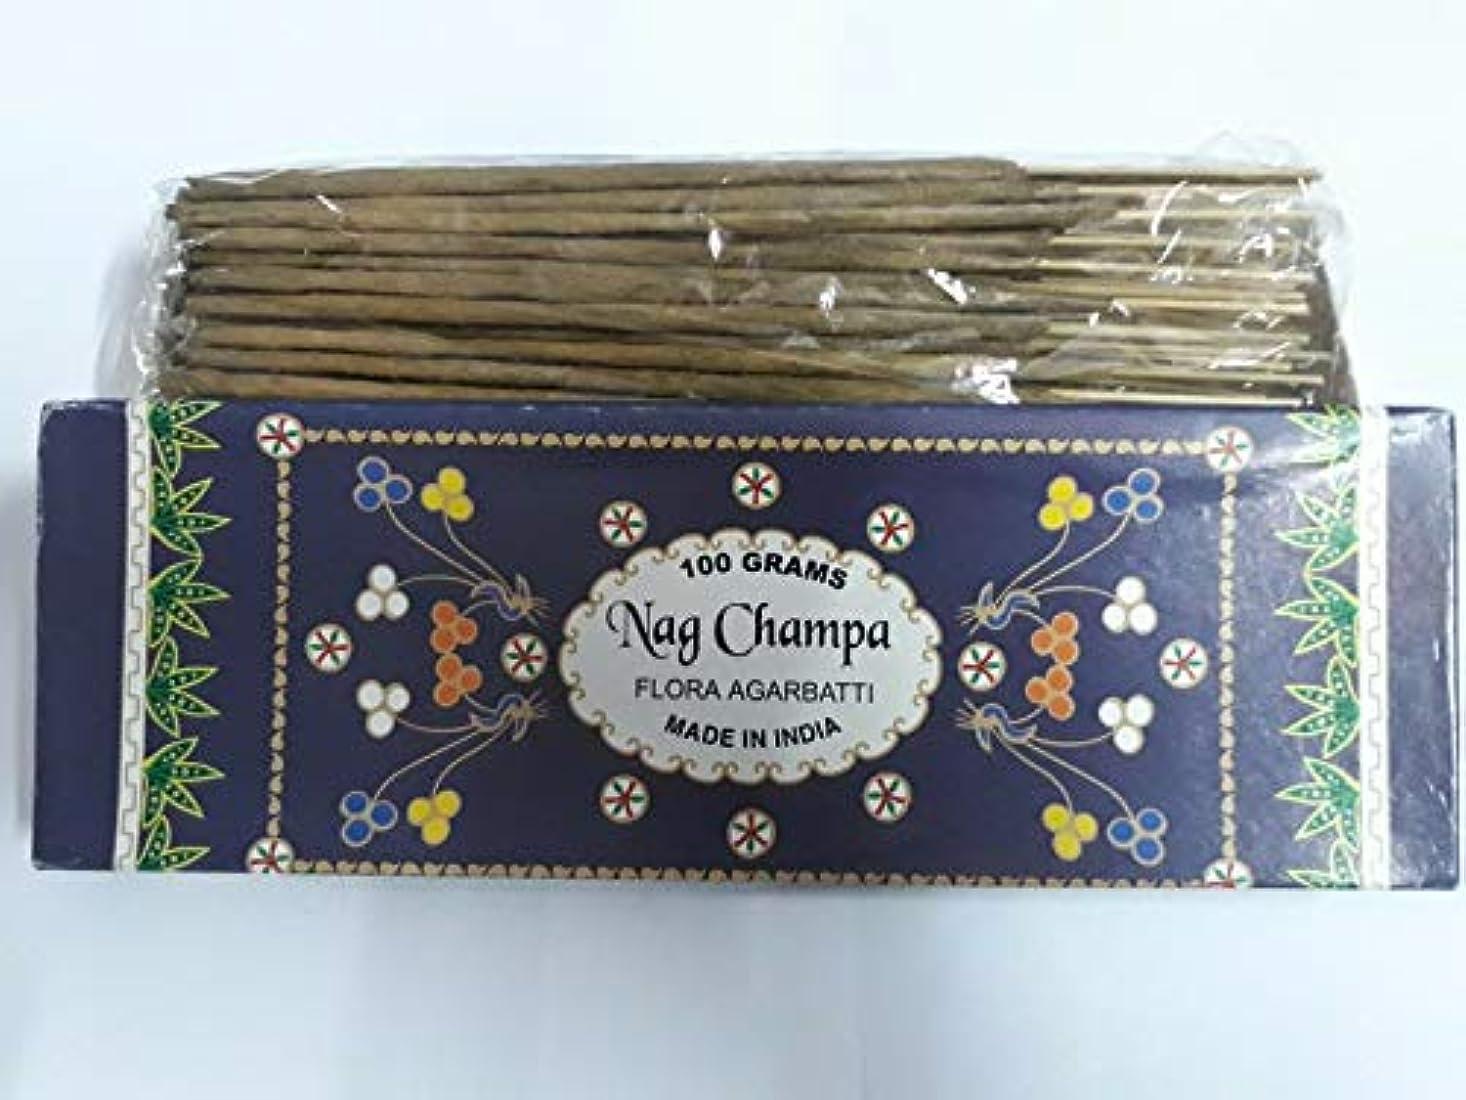 ストラトフォードオンエイボン間に合わせ敷居Nag Champa ナグチャンパ Agarbatti Incense Sticks 線香 100 grams Flora Agarbatti フローラ線香